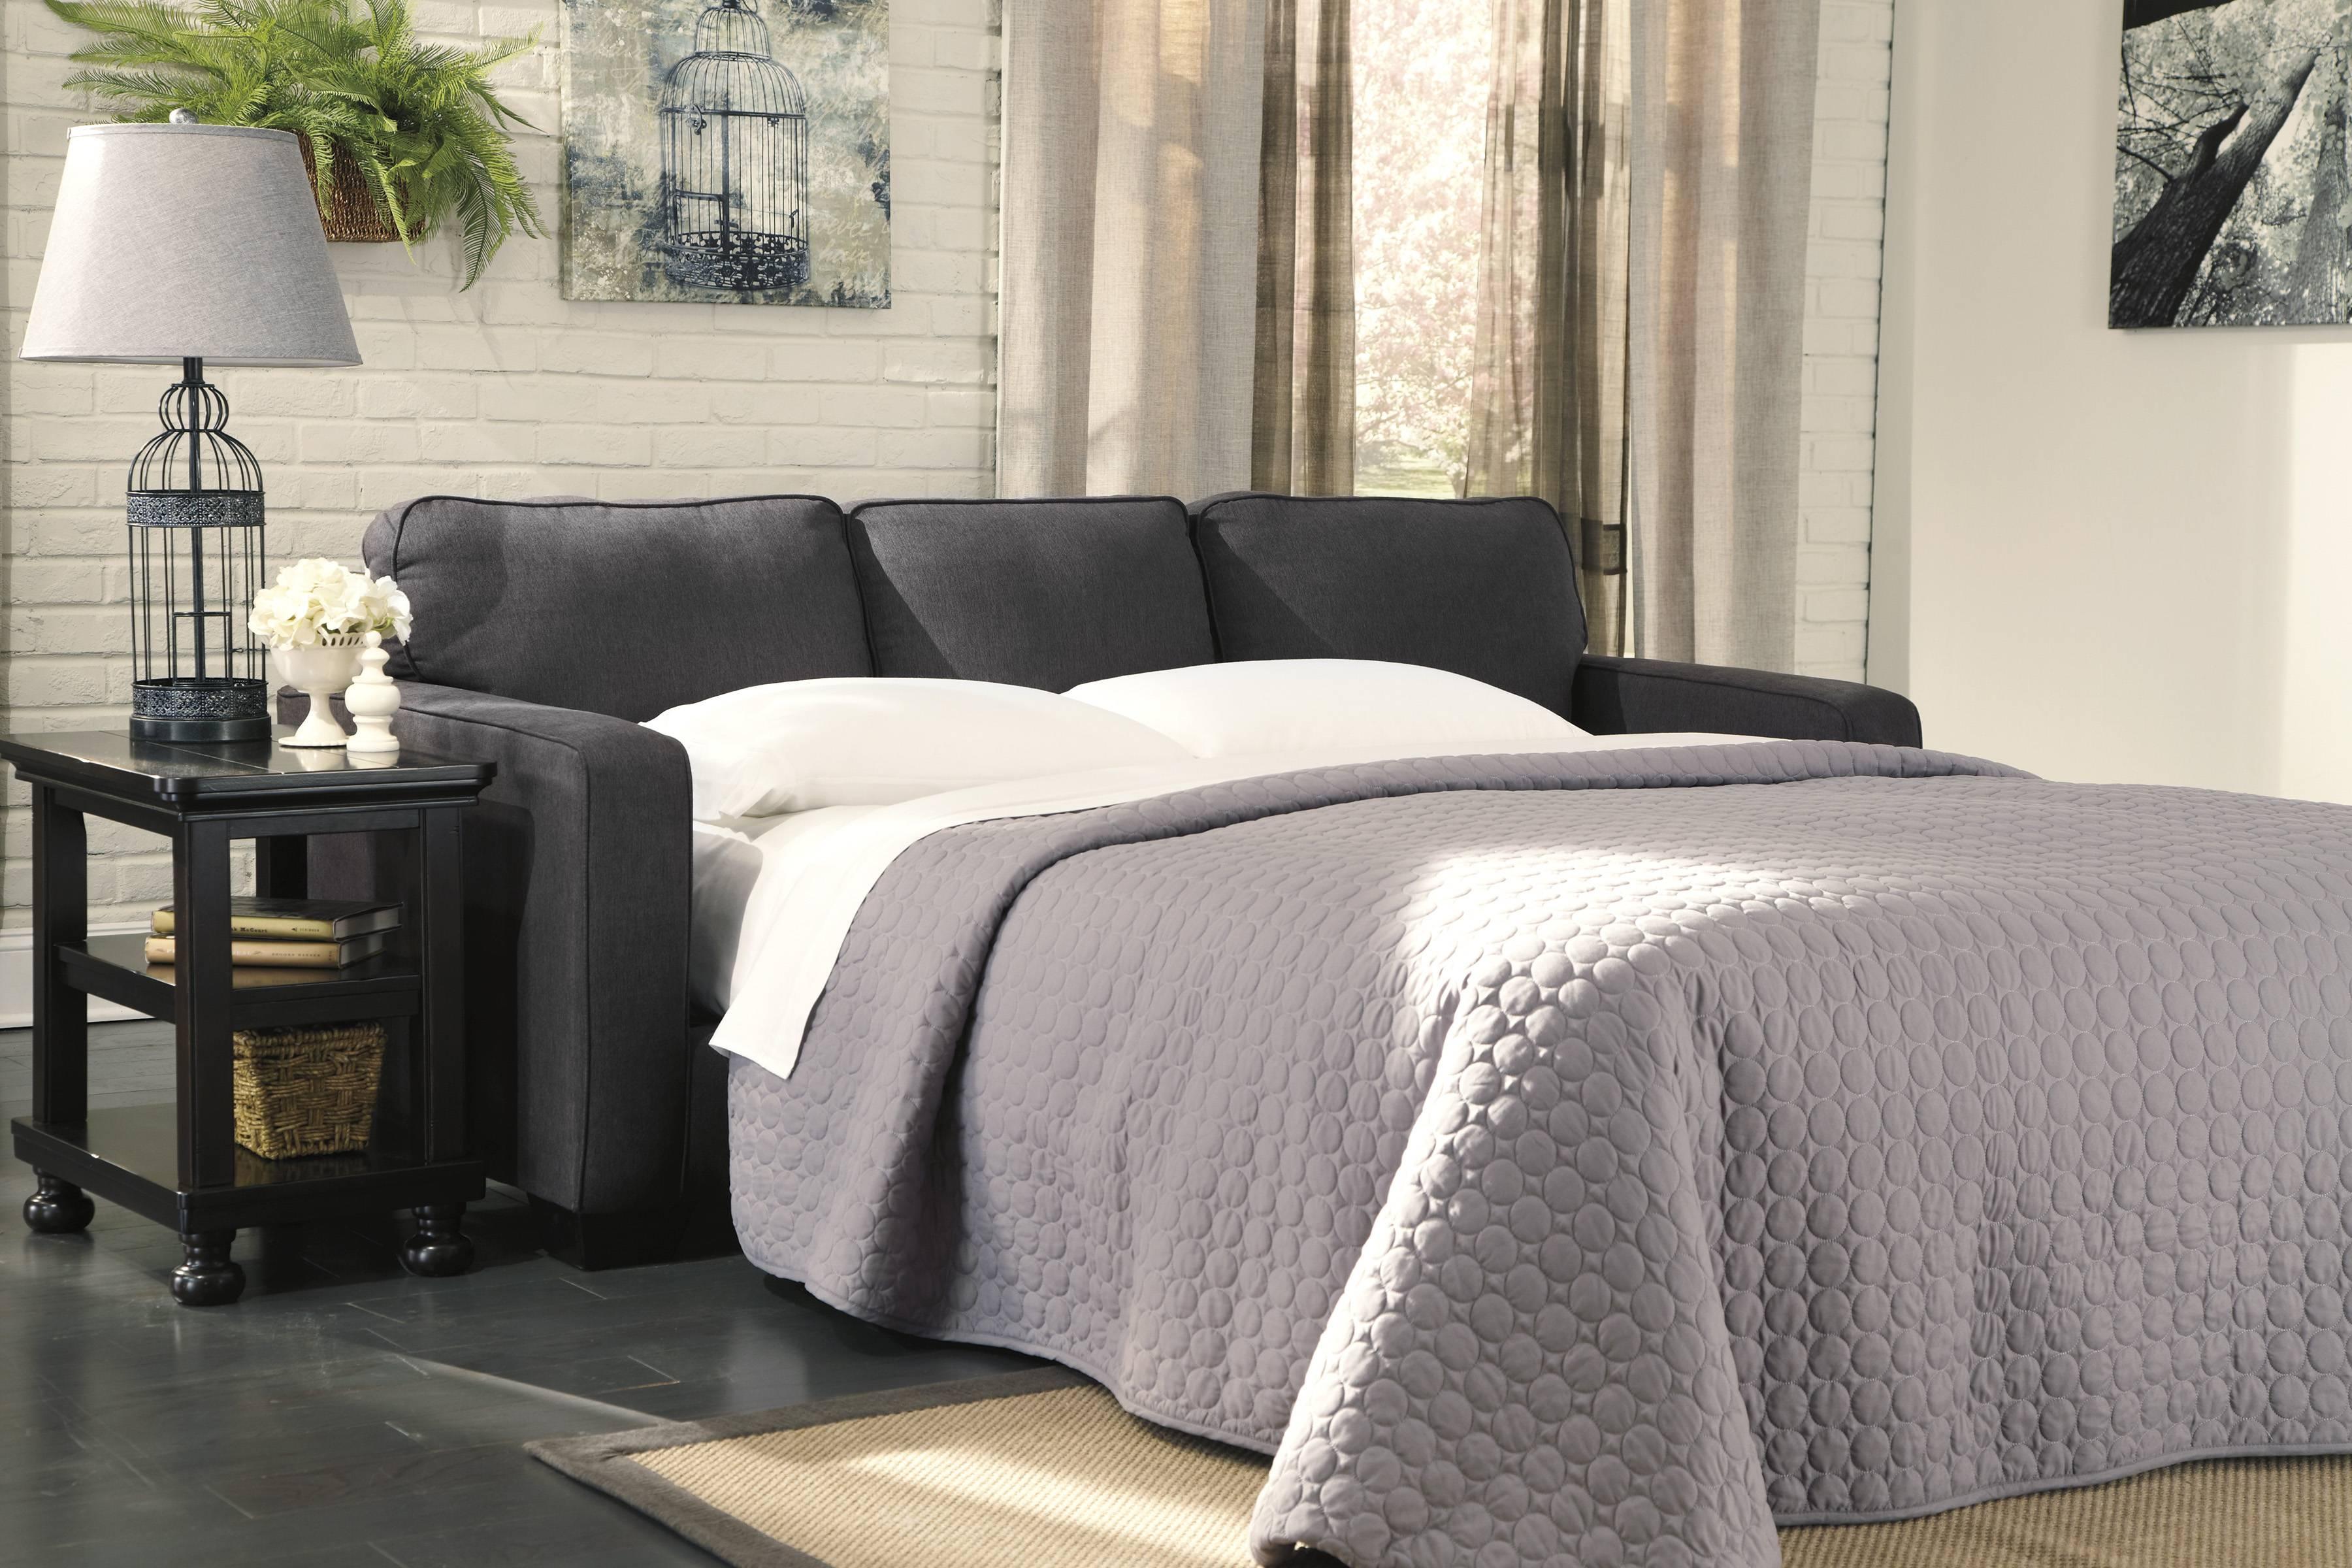 Queen Size Sofa Bed Sheets | Tehranmix Decoration regarding Queen Size Sofa Bed Sheets (Image 12 of 30)